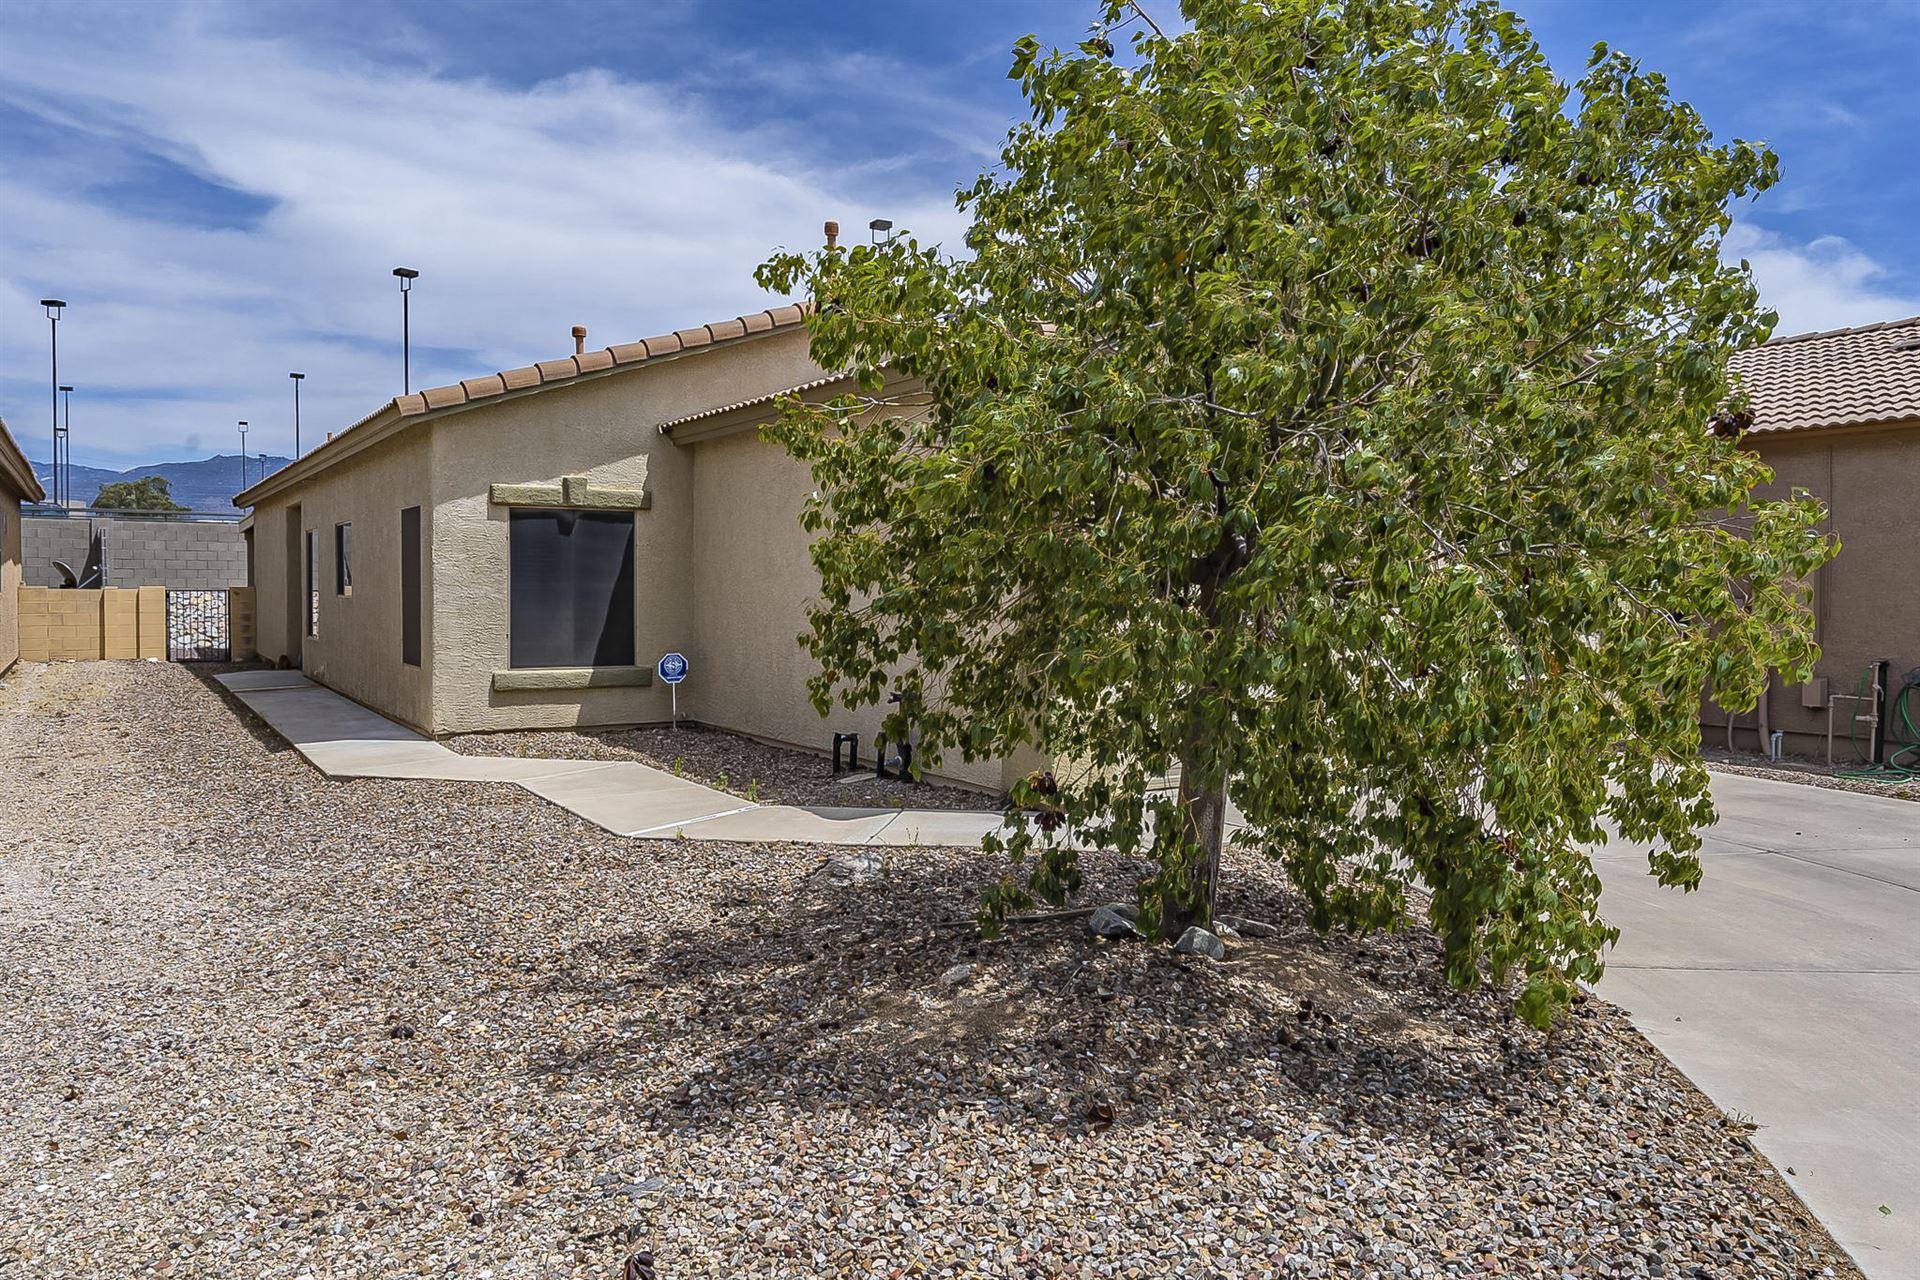 1127 S Speckled Stone Way, Tucson, AZ 85710 - MLS#: 22112238